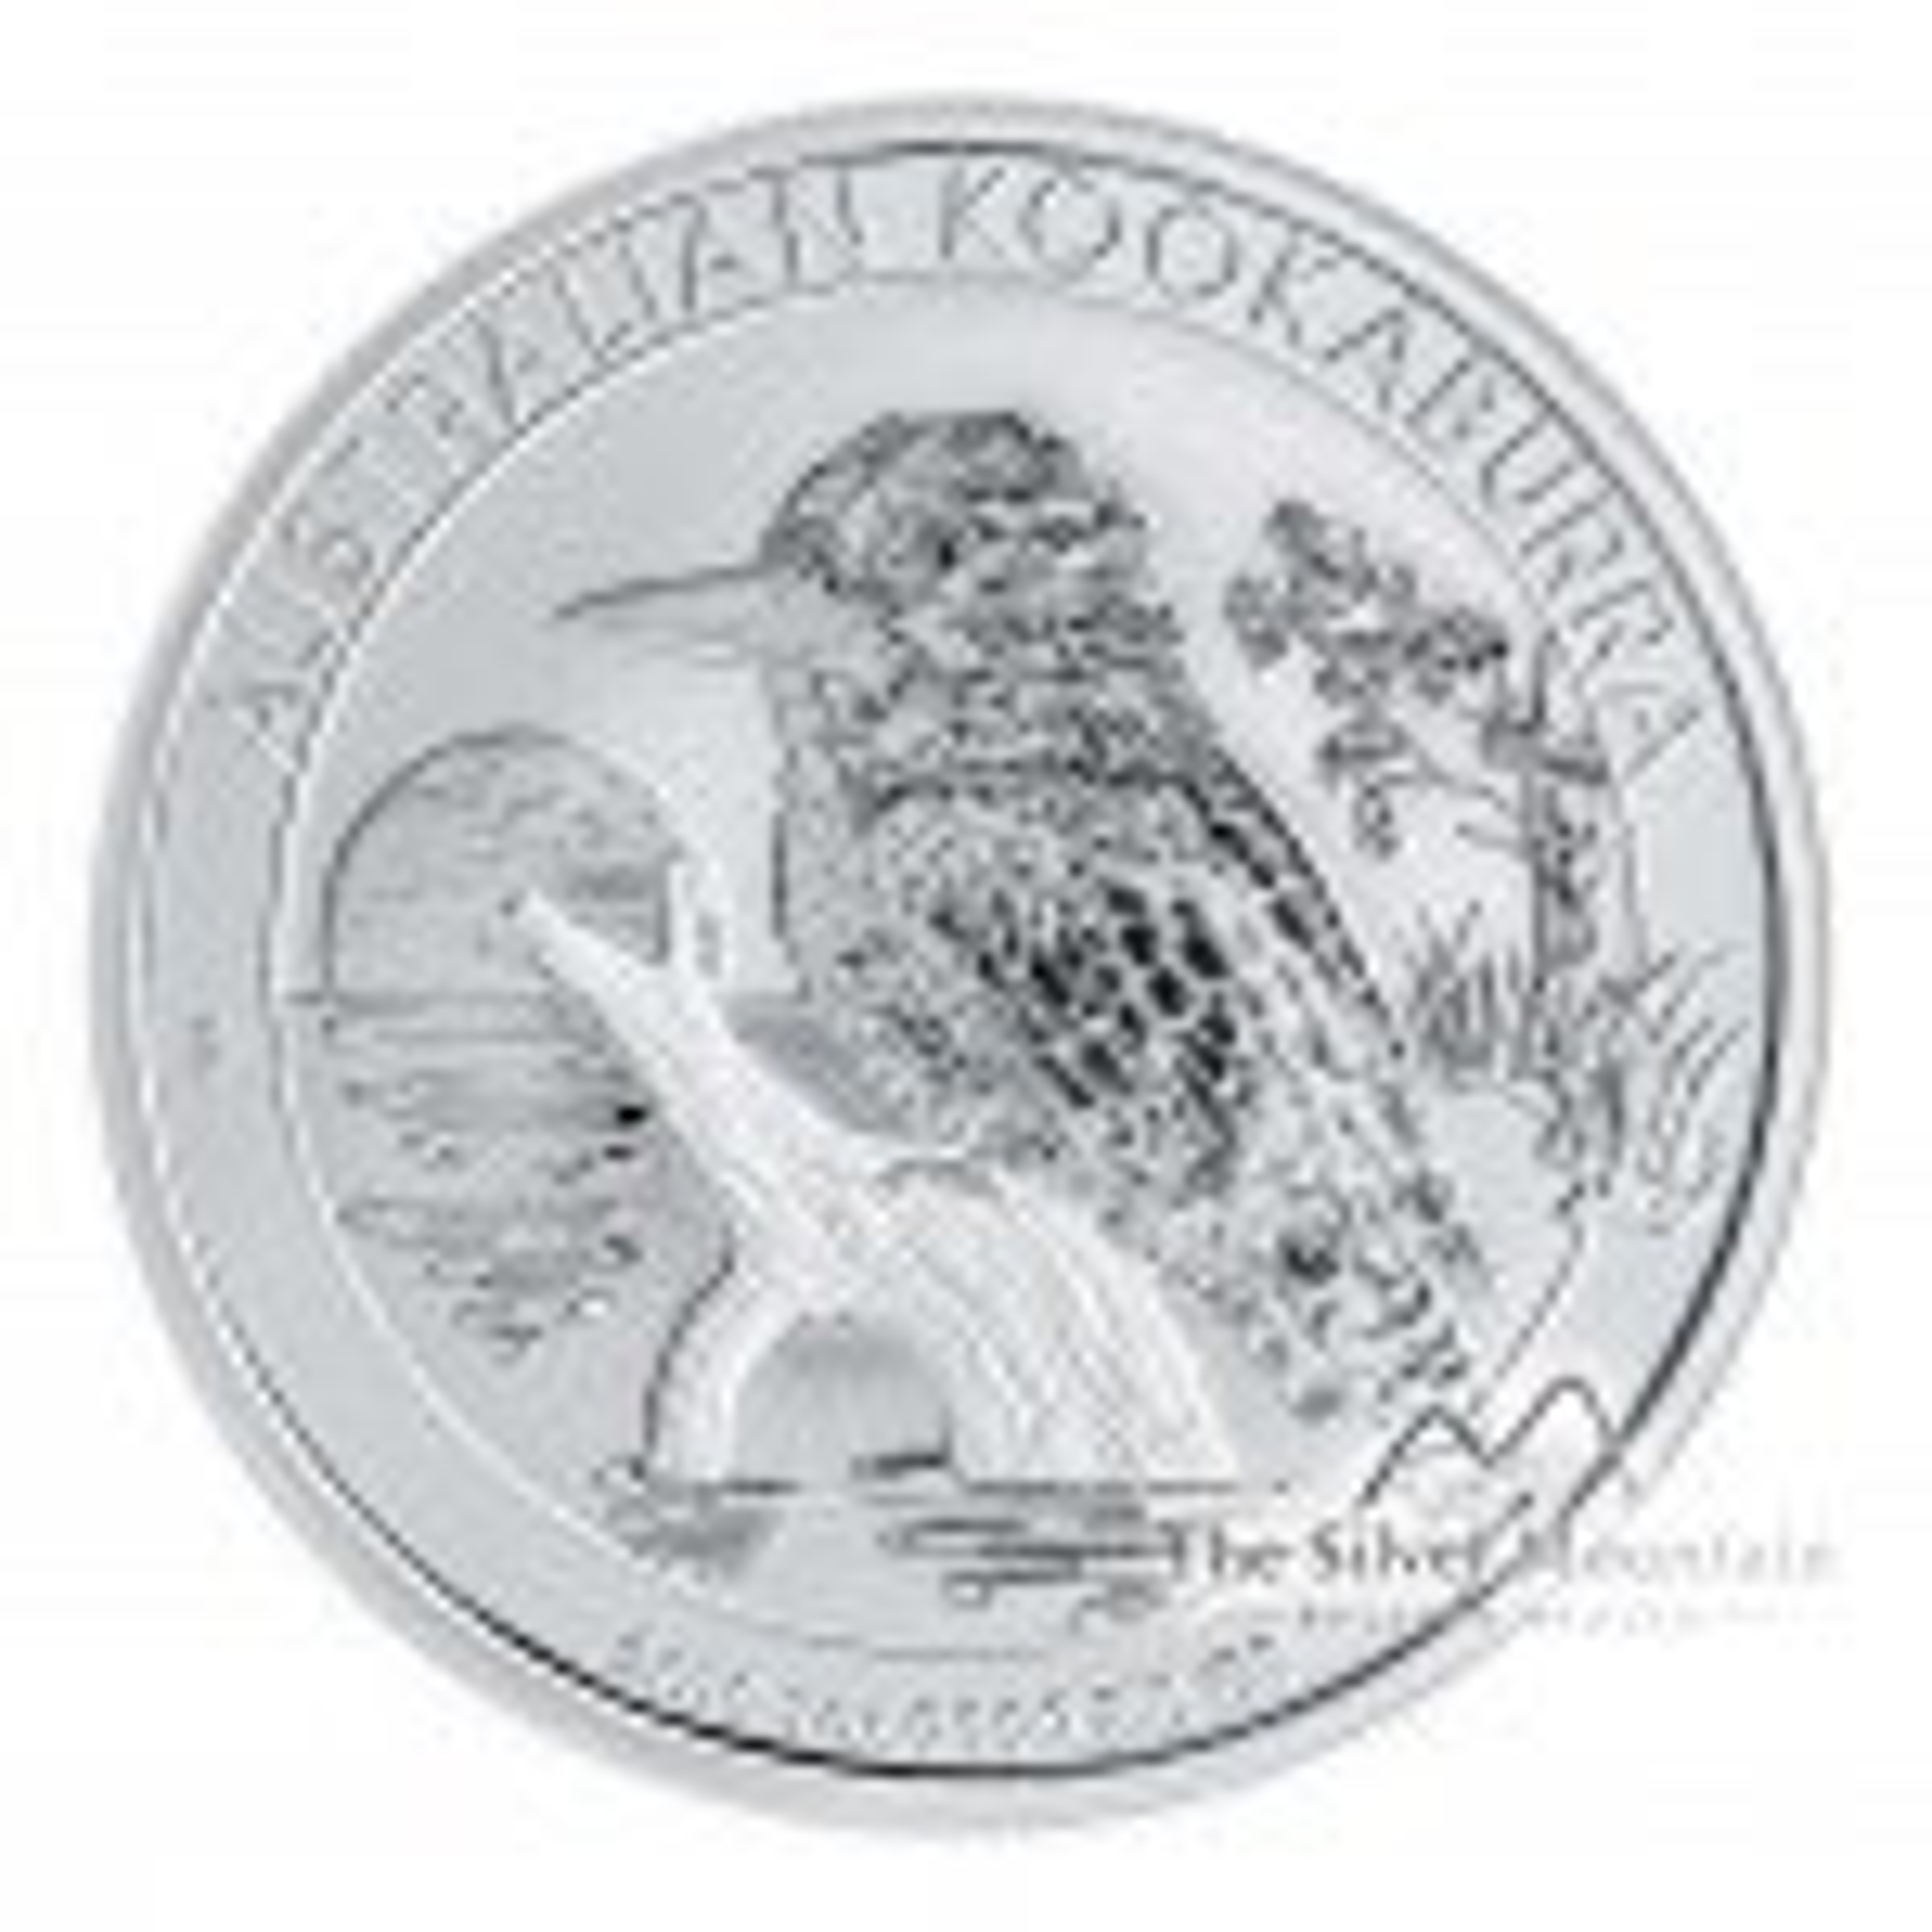 1 Troy ounce zilveren munt Kookaburra 2019